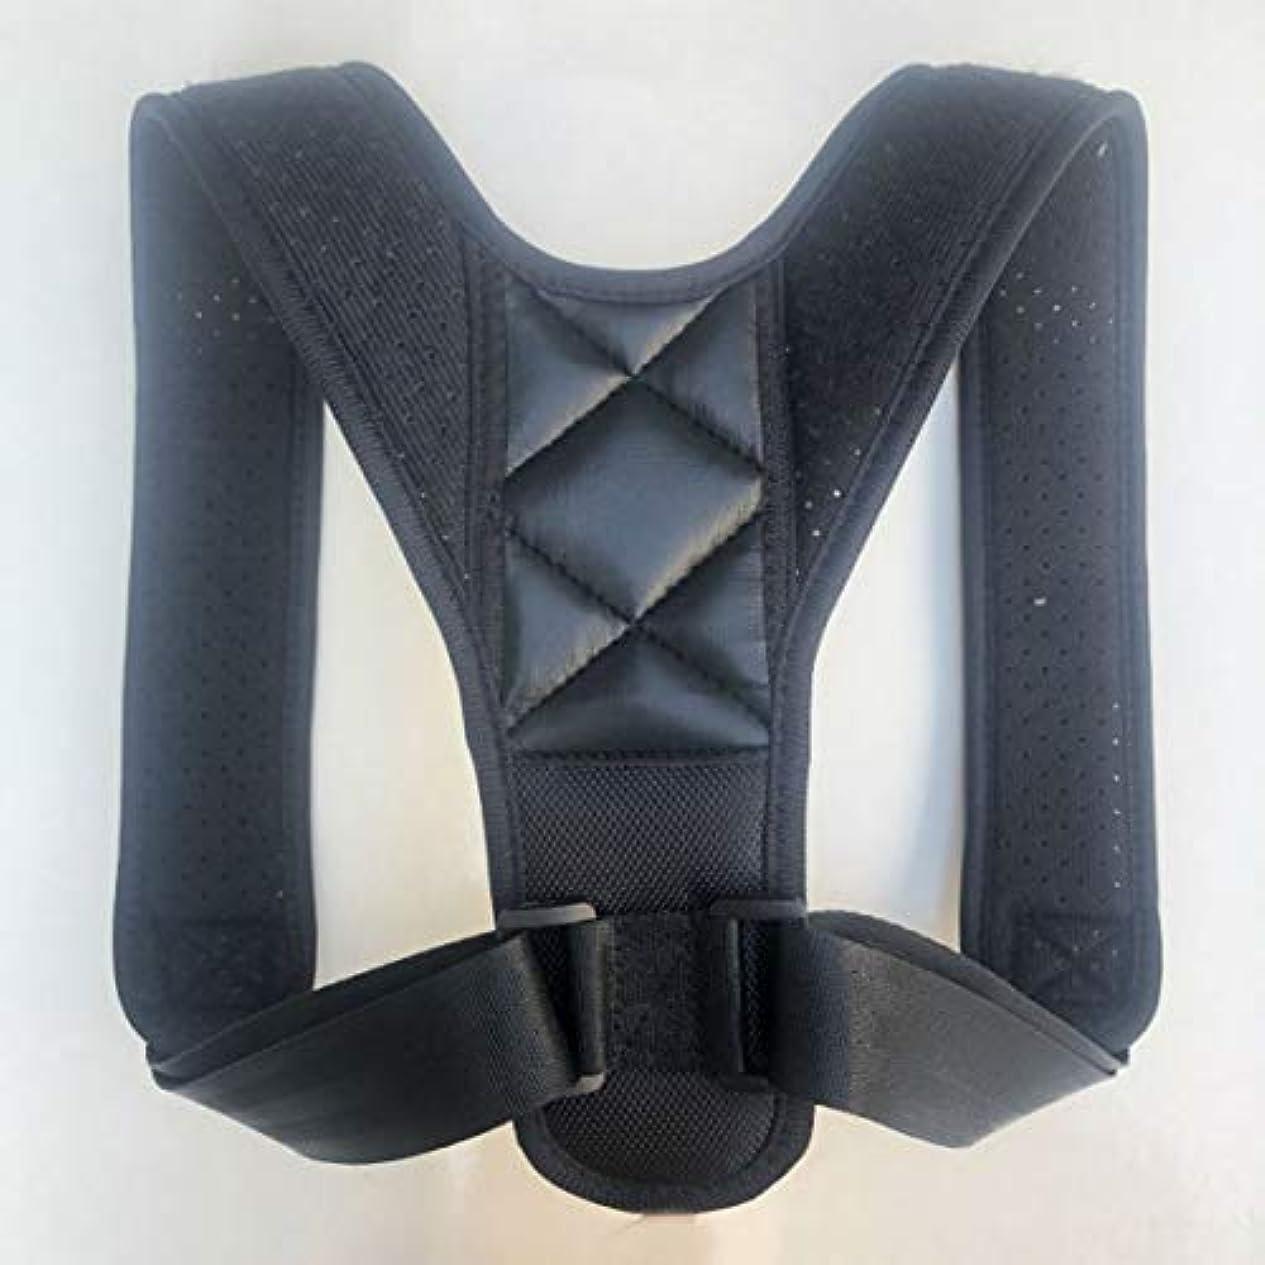 主張ライブアスリートアッパーバックポスチャーコレクター姿勢鎖骨サポートコレクターバックストレートショルダーブレースストラップコレクター - ブラック